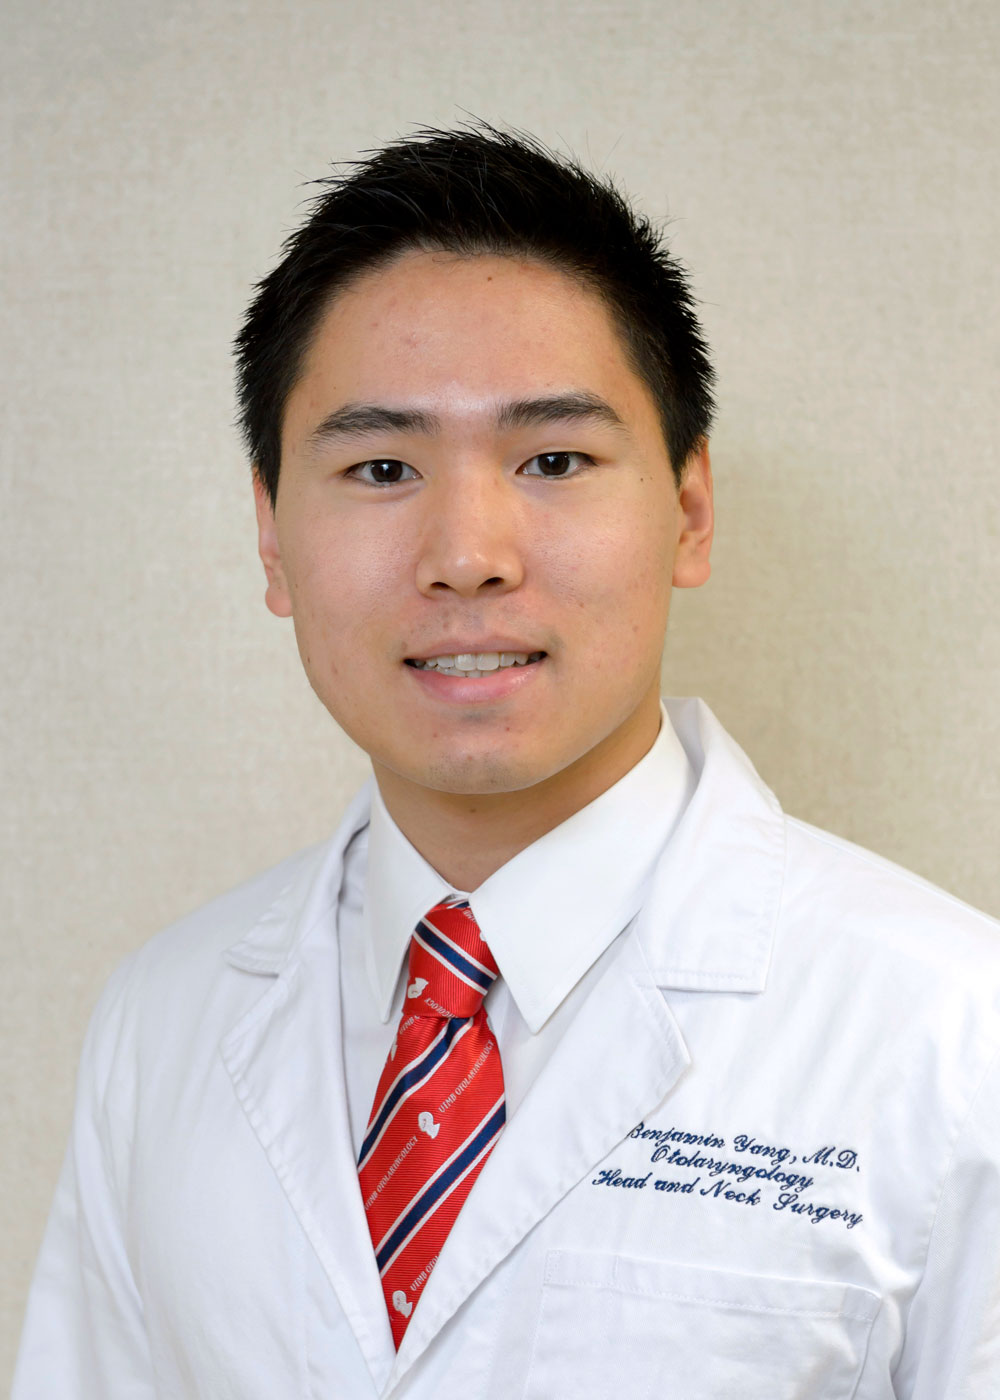 Benjamin Yang, MD